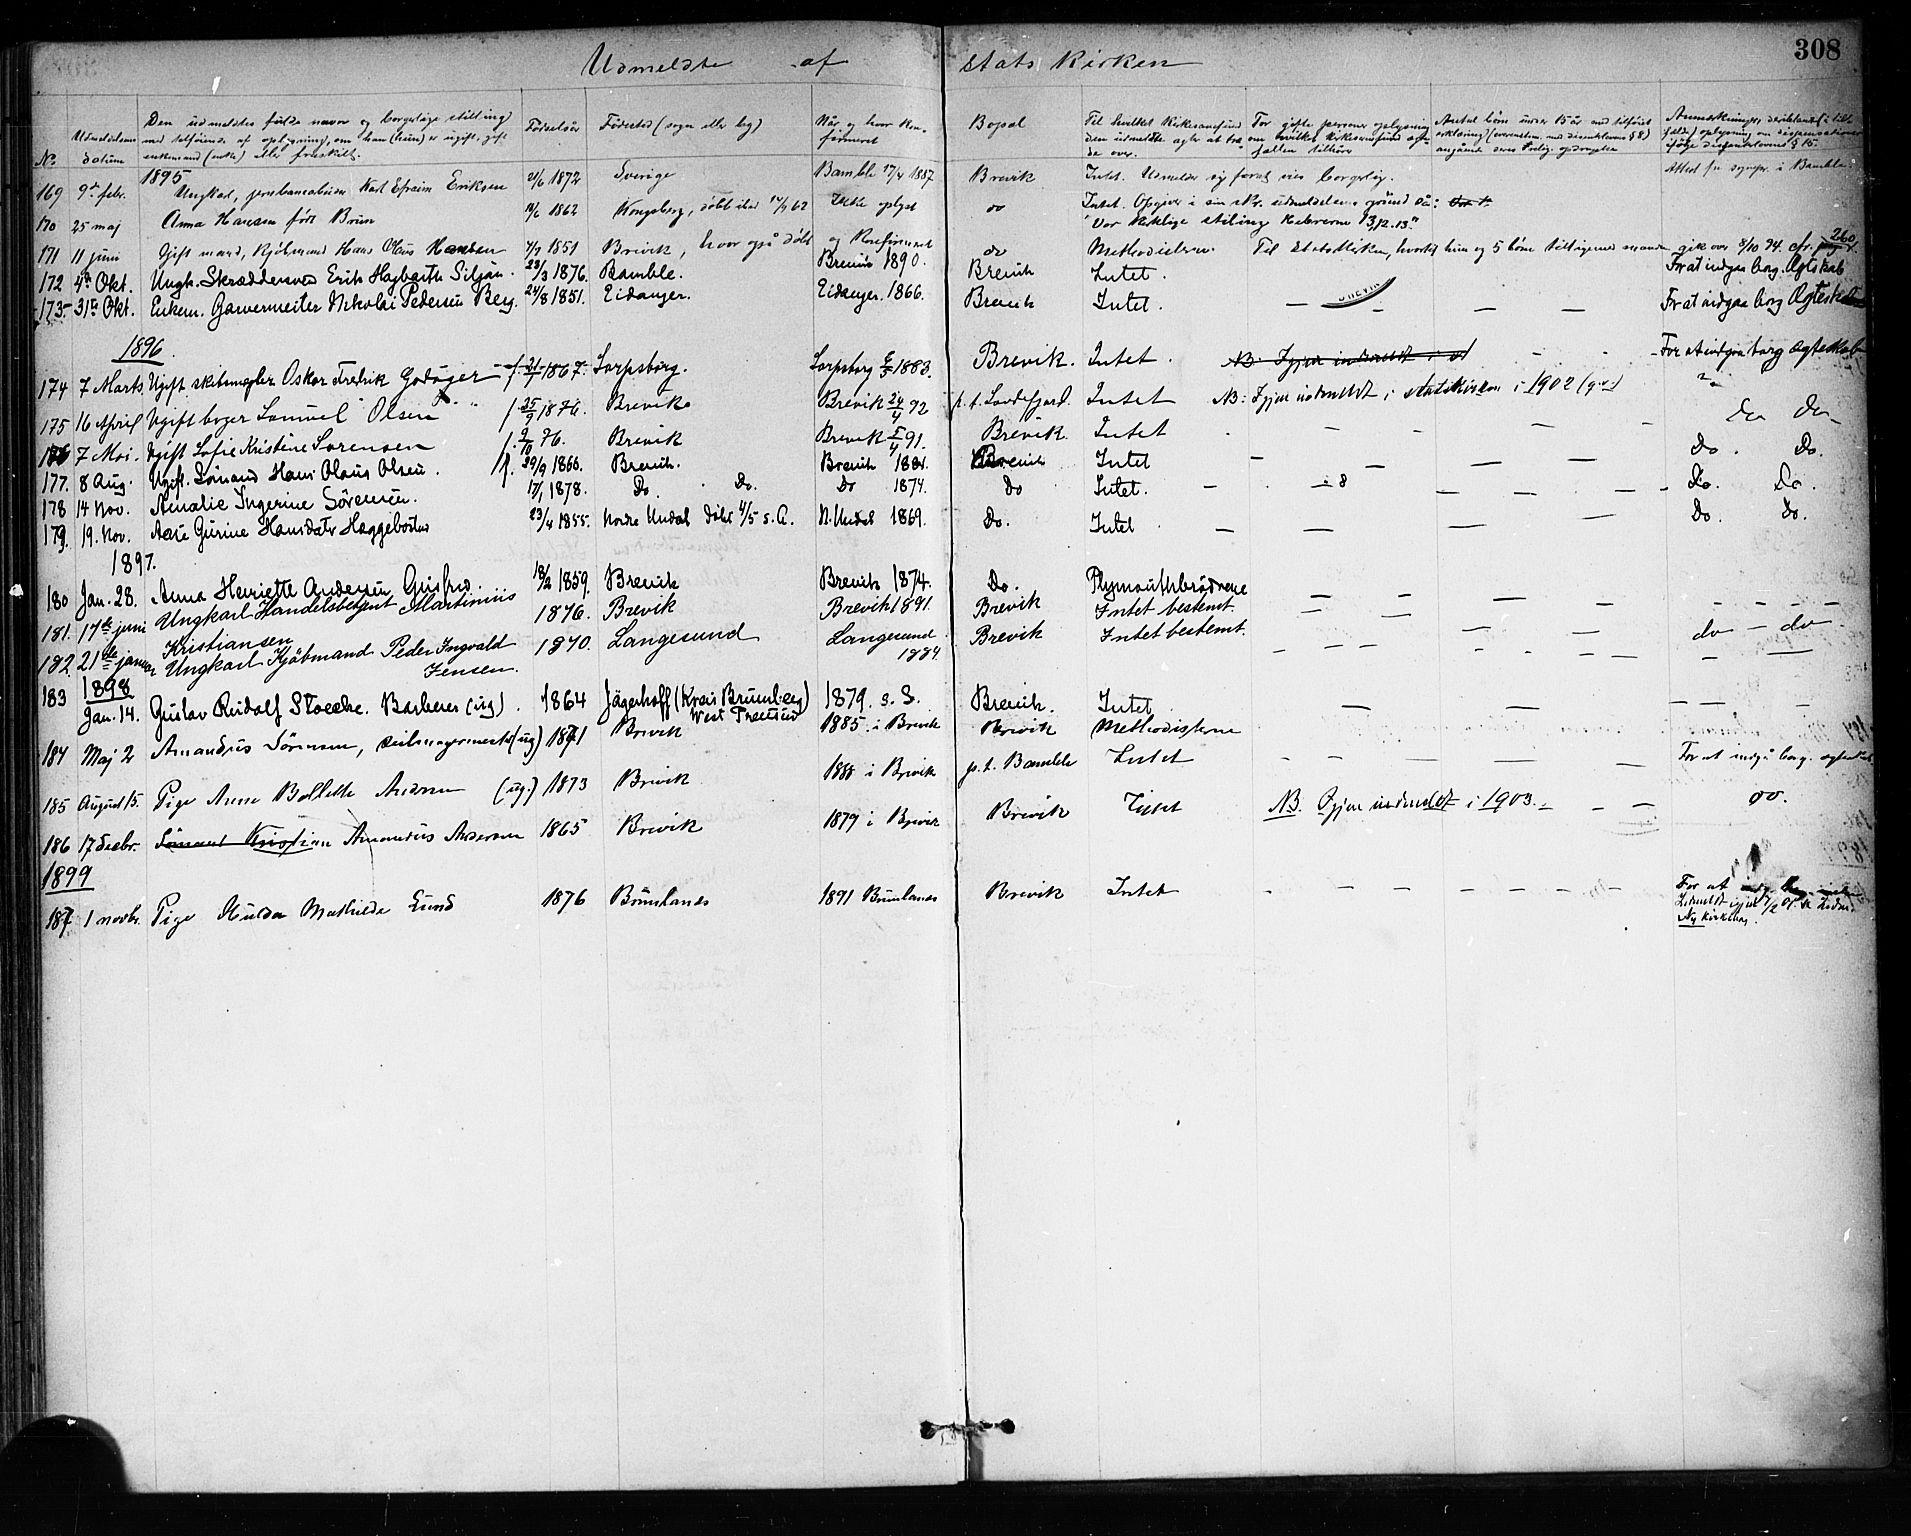 SAKO, Brevik kirkebøker, F/Fa/L0007: Ministerialbok nr. 7, 1882-1900, s. 308